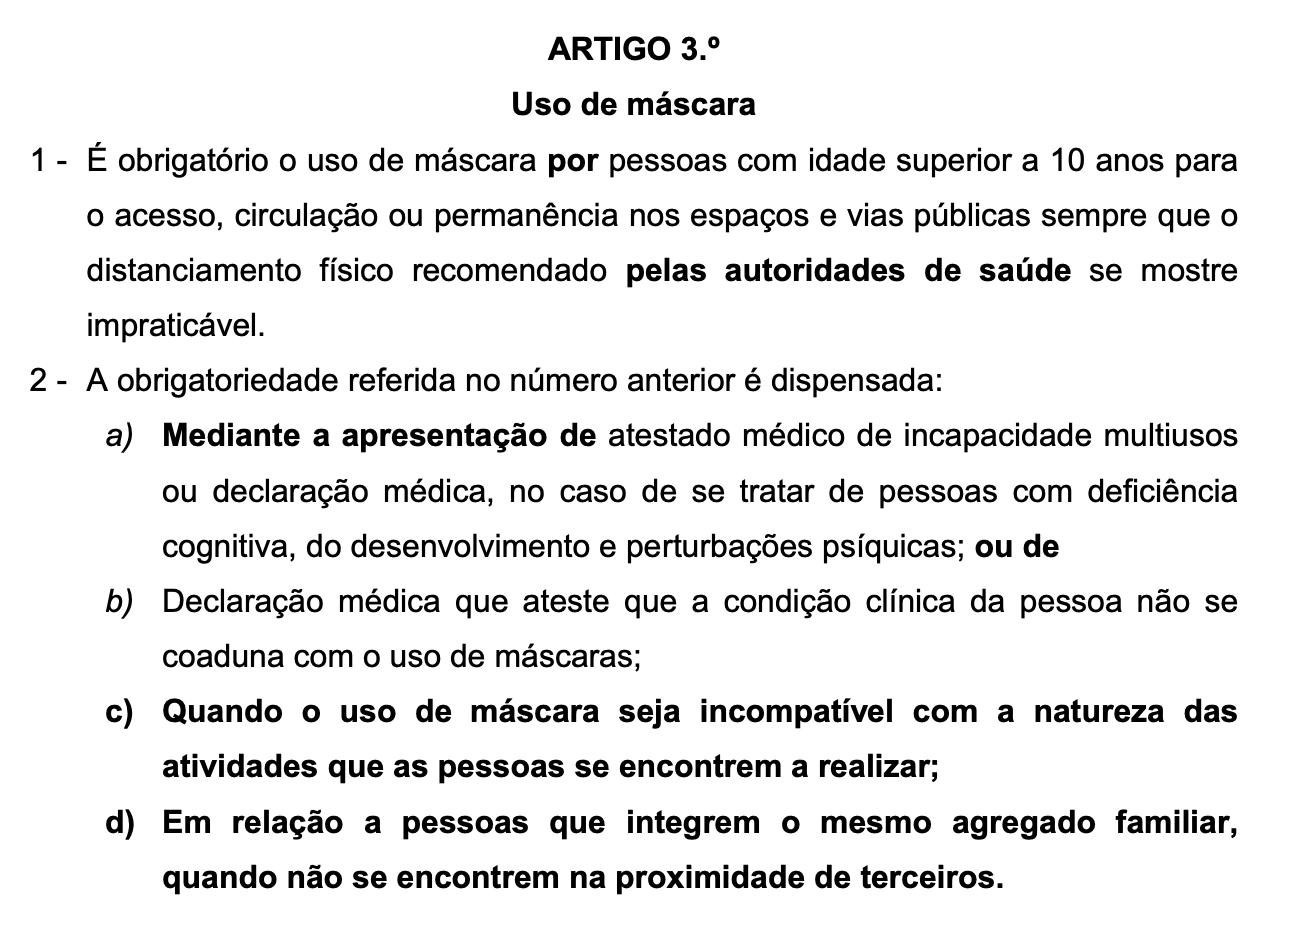 Artigo 3 do projecto lei do PSD que torna o uso de máscara obrigatório mediante as condições apresentadas.